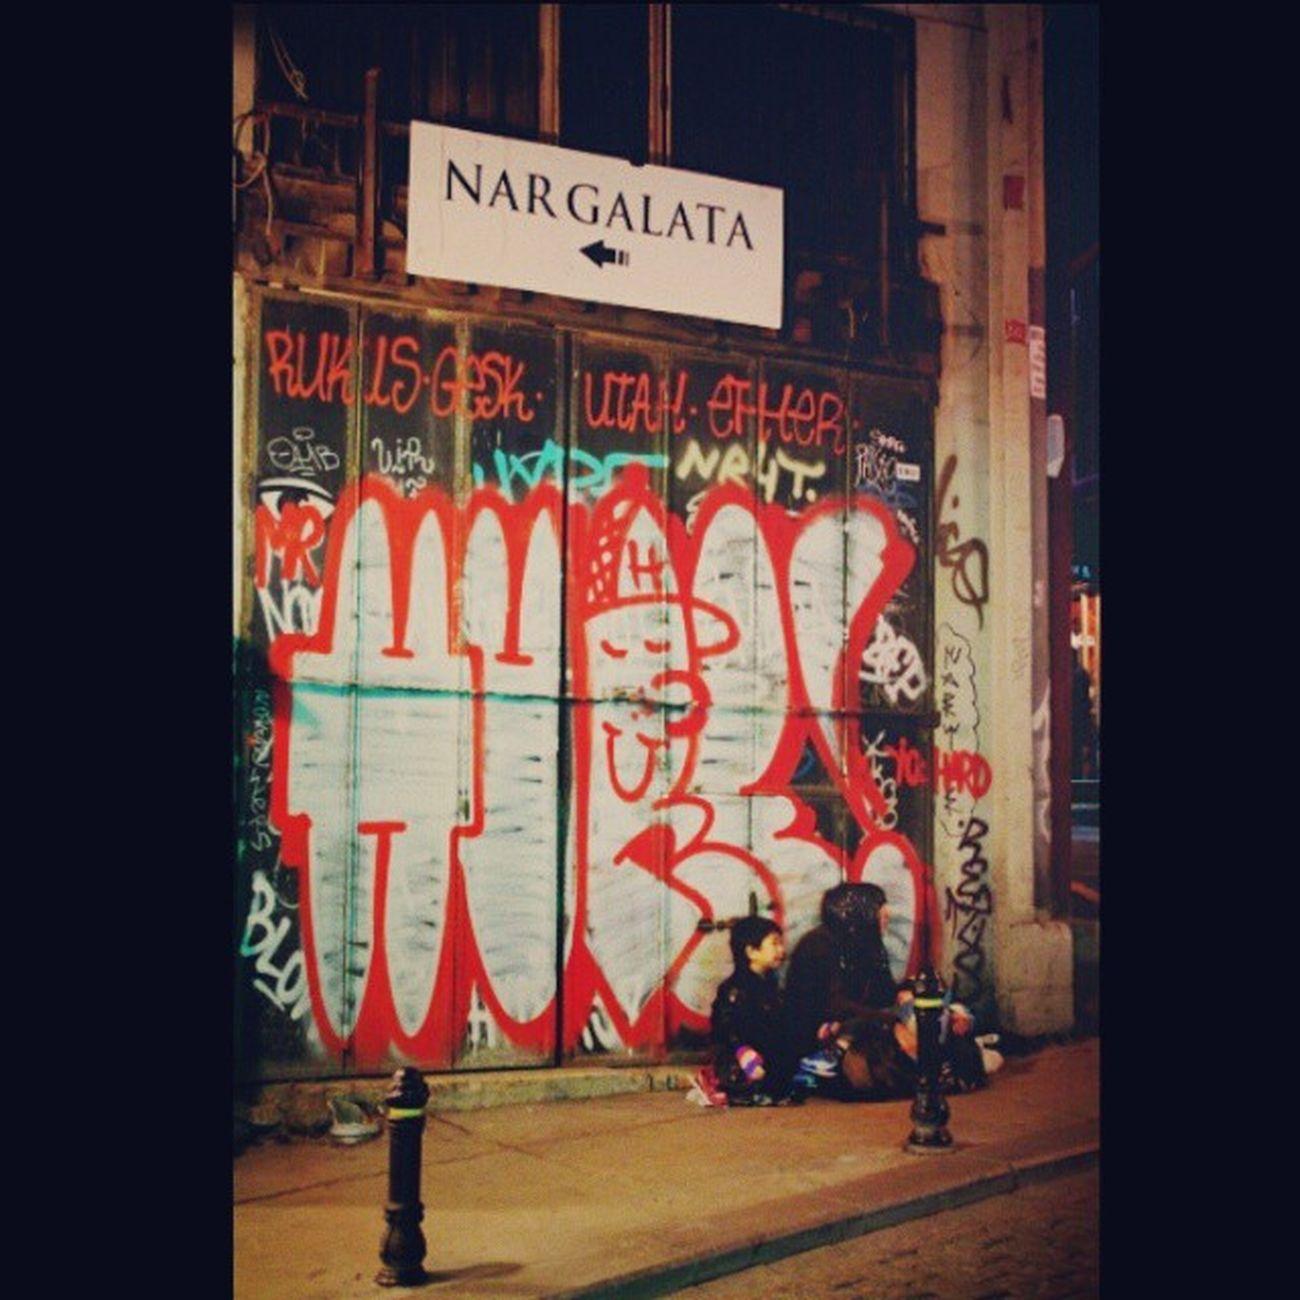 Nargalata Galata Istiklalcaddesi Istanbul istanbuldayasam hayat hayatsokaklarda